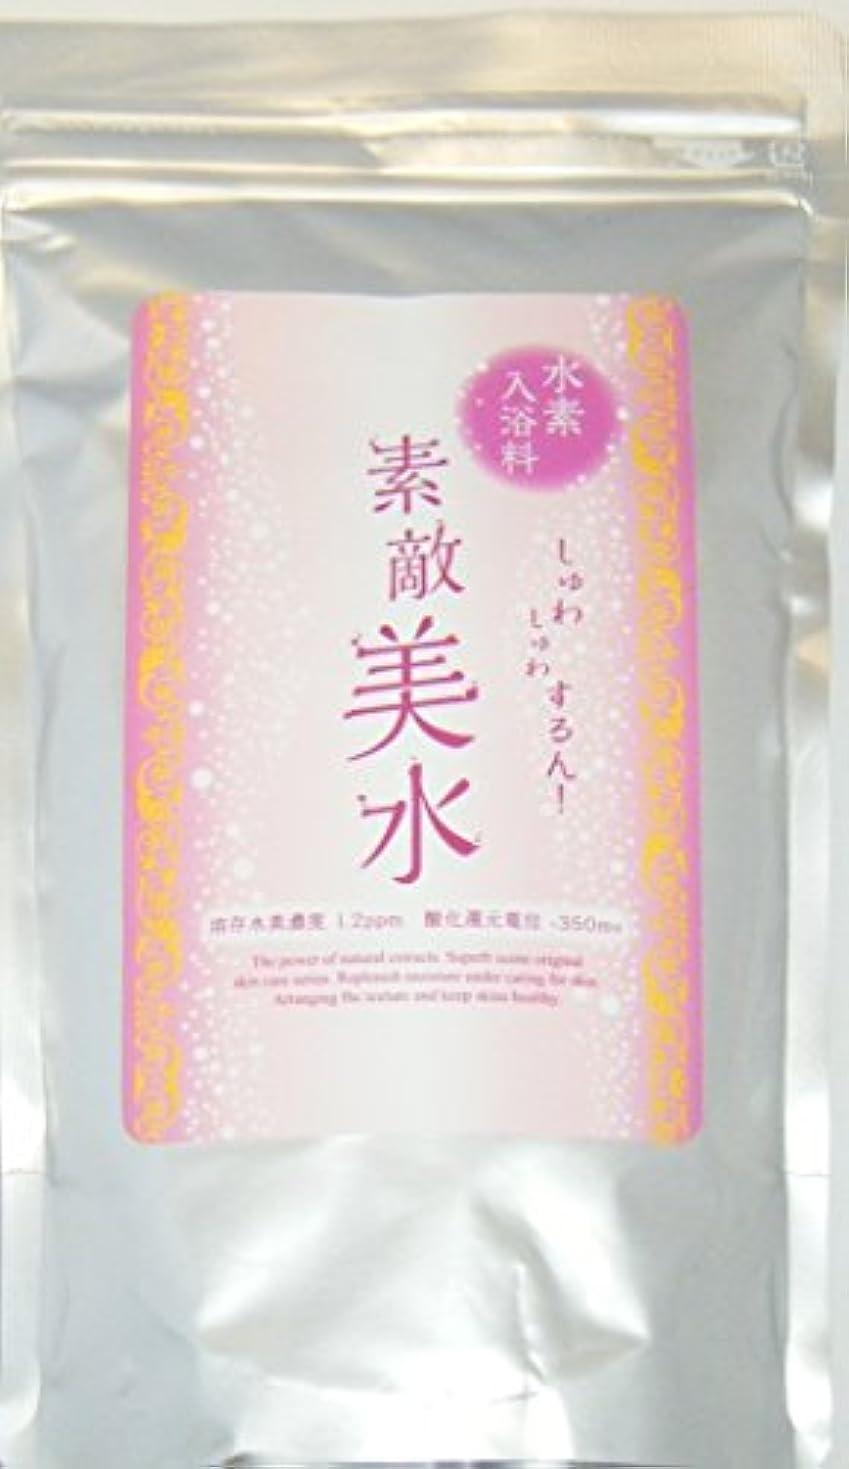 チョップお手入れメジャー素敵美水 水素入浴剤(1㎏)